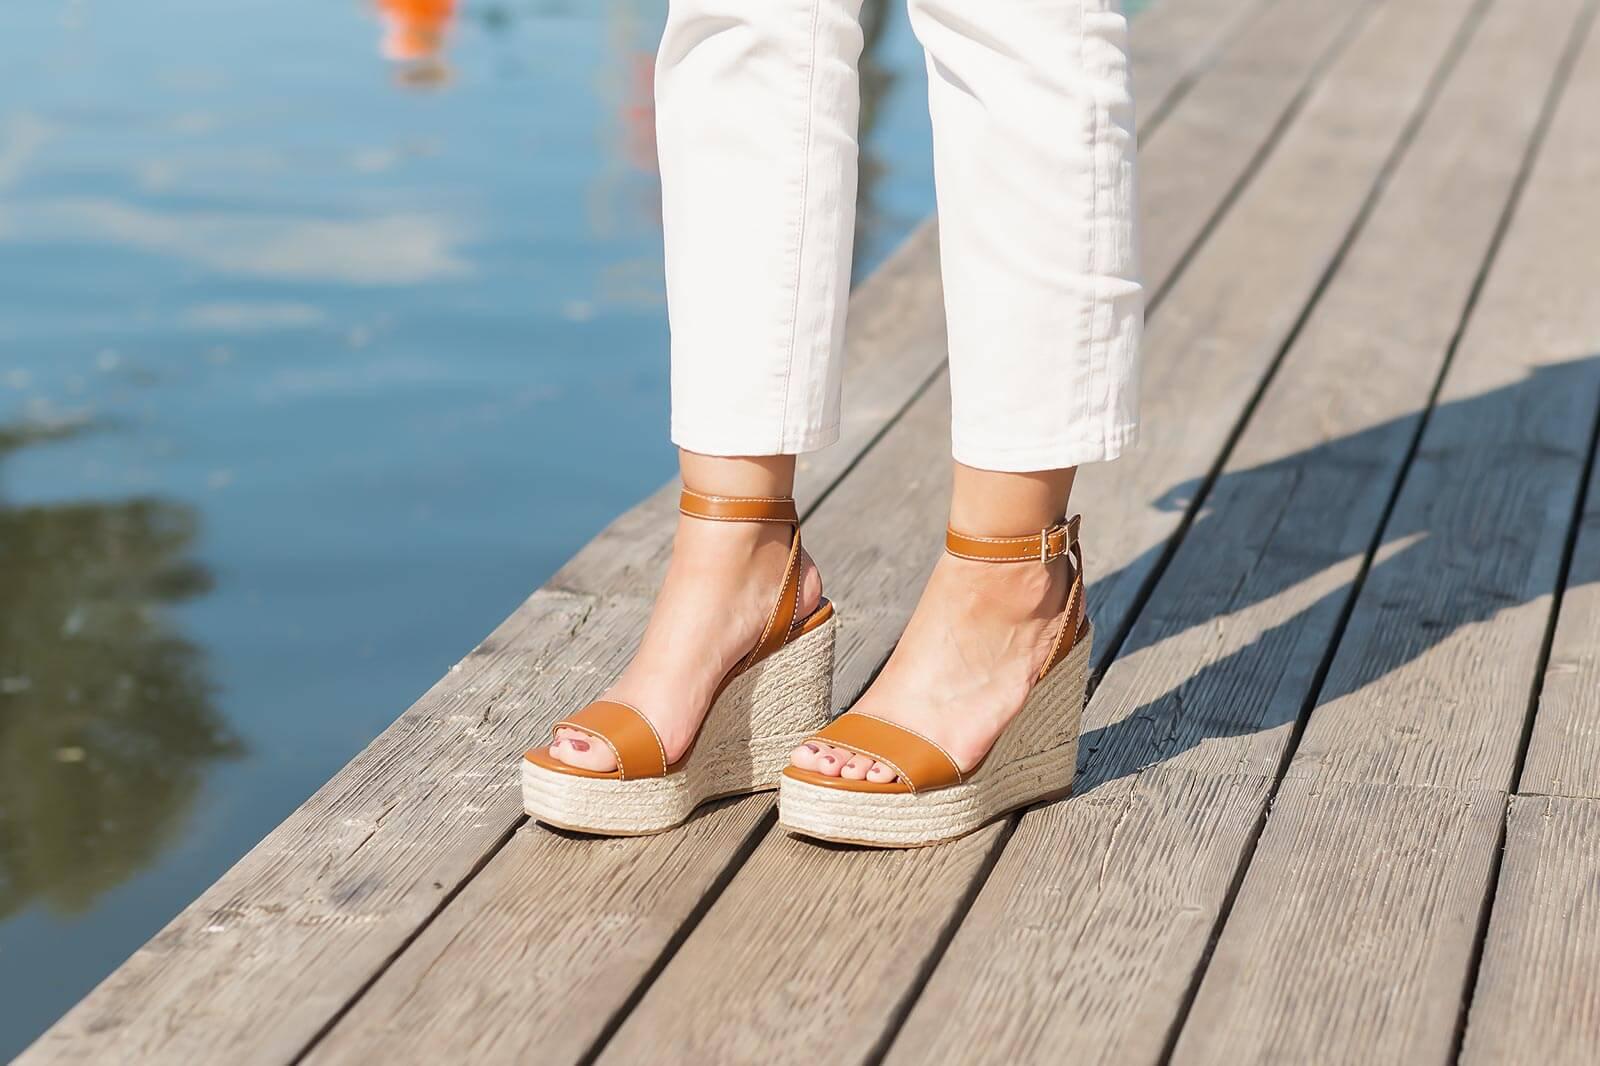 Sandalen Trends 2020, Sandalen mit Keilabsatz, Keilsandaletten, Shoelove by Deichmann